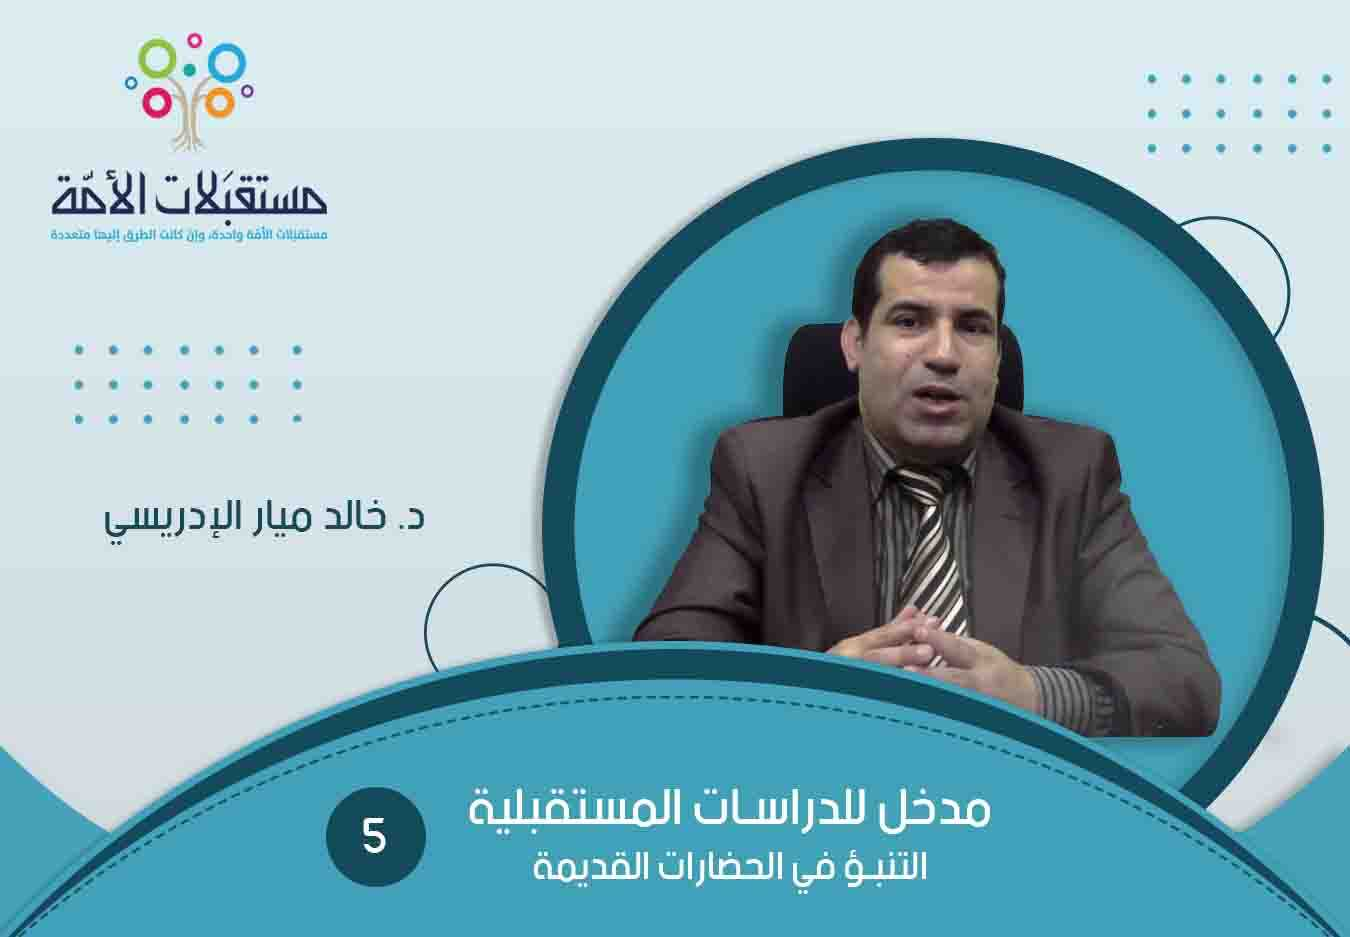 مدخل للدراسات المستقبلية (5) التنبؤ في الحضارات القديمة   د. خالد ميار الإدريسي